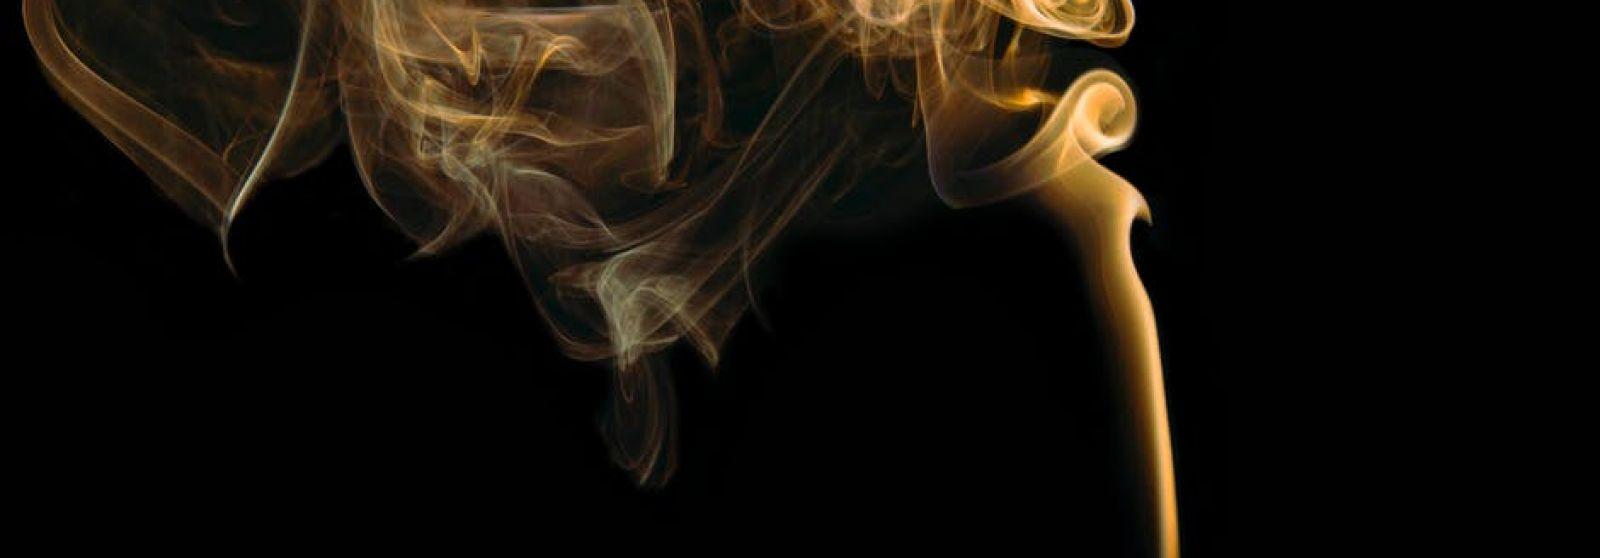 Tips for Testing Your Smoke Alarm